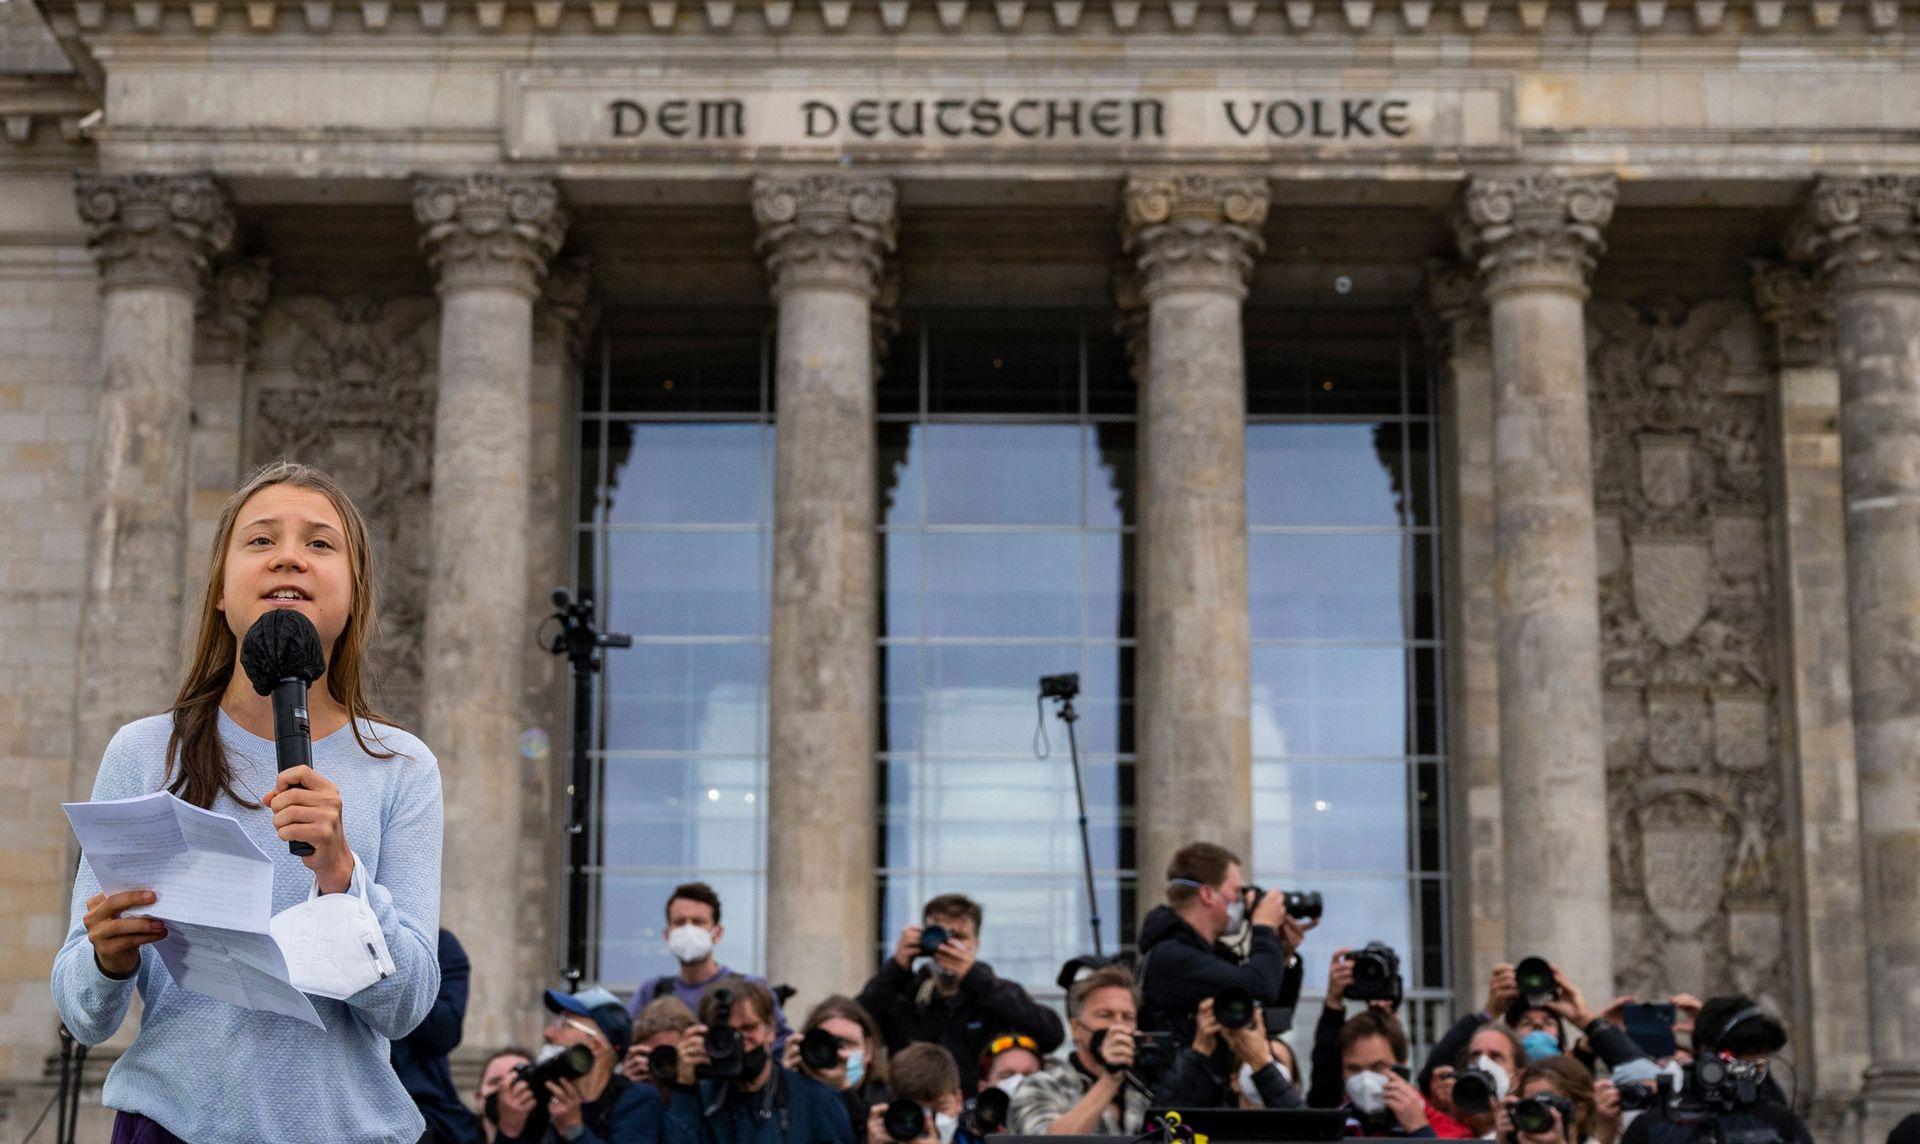 La activista climática sueca Greta Thunberg, frente al edificio del Reichstag, se dirige a los manifestantes que participan en una huelga climática global de Fridays for Future en Berlín el 24 de septiembre de 2021